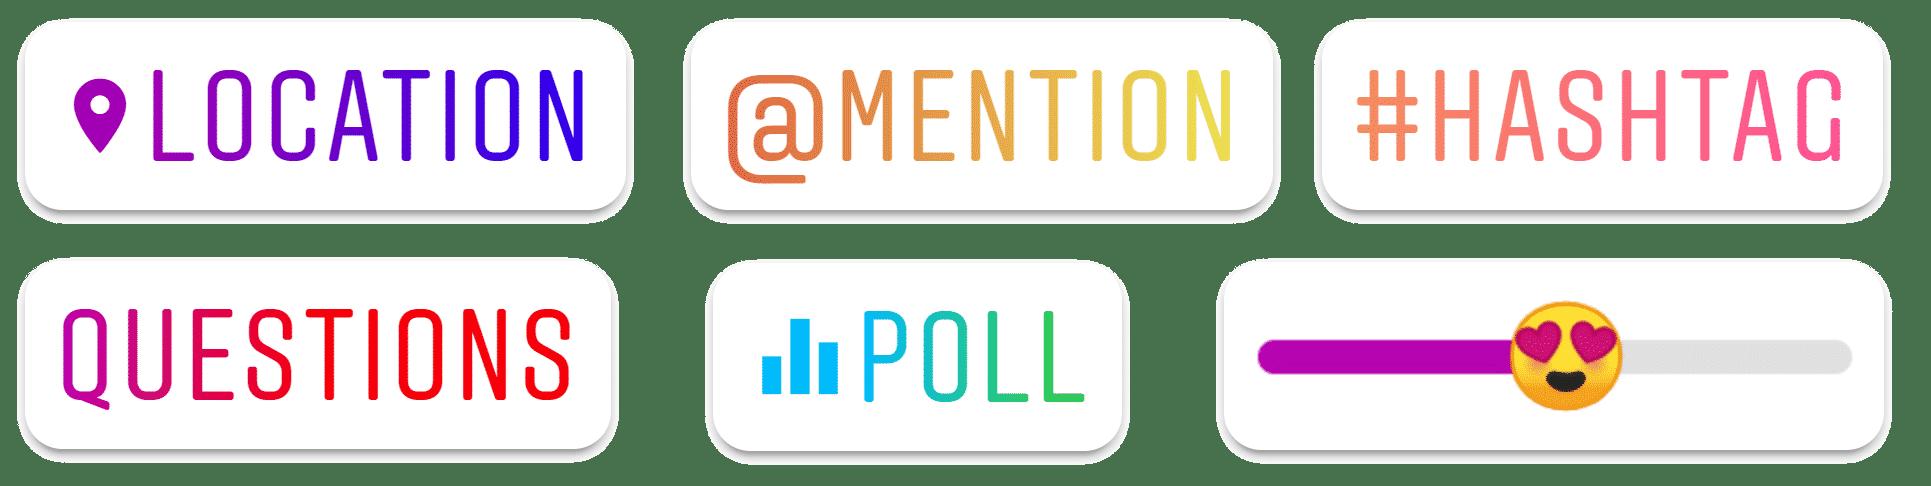 20 meilleures idées de marketing immobilier en Octobre 2019